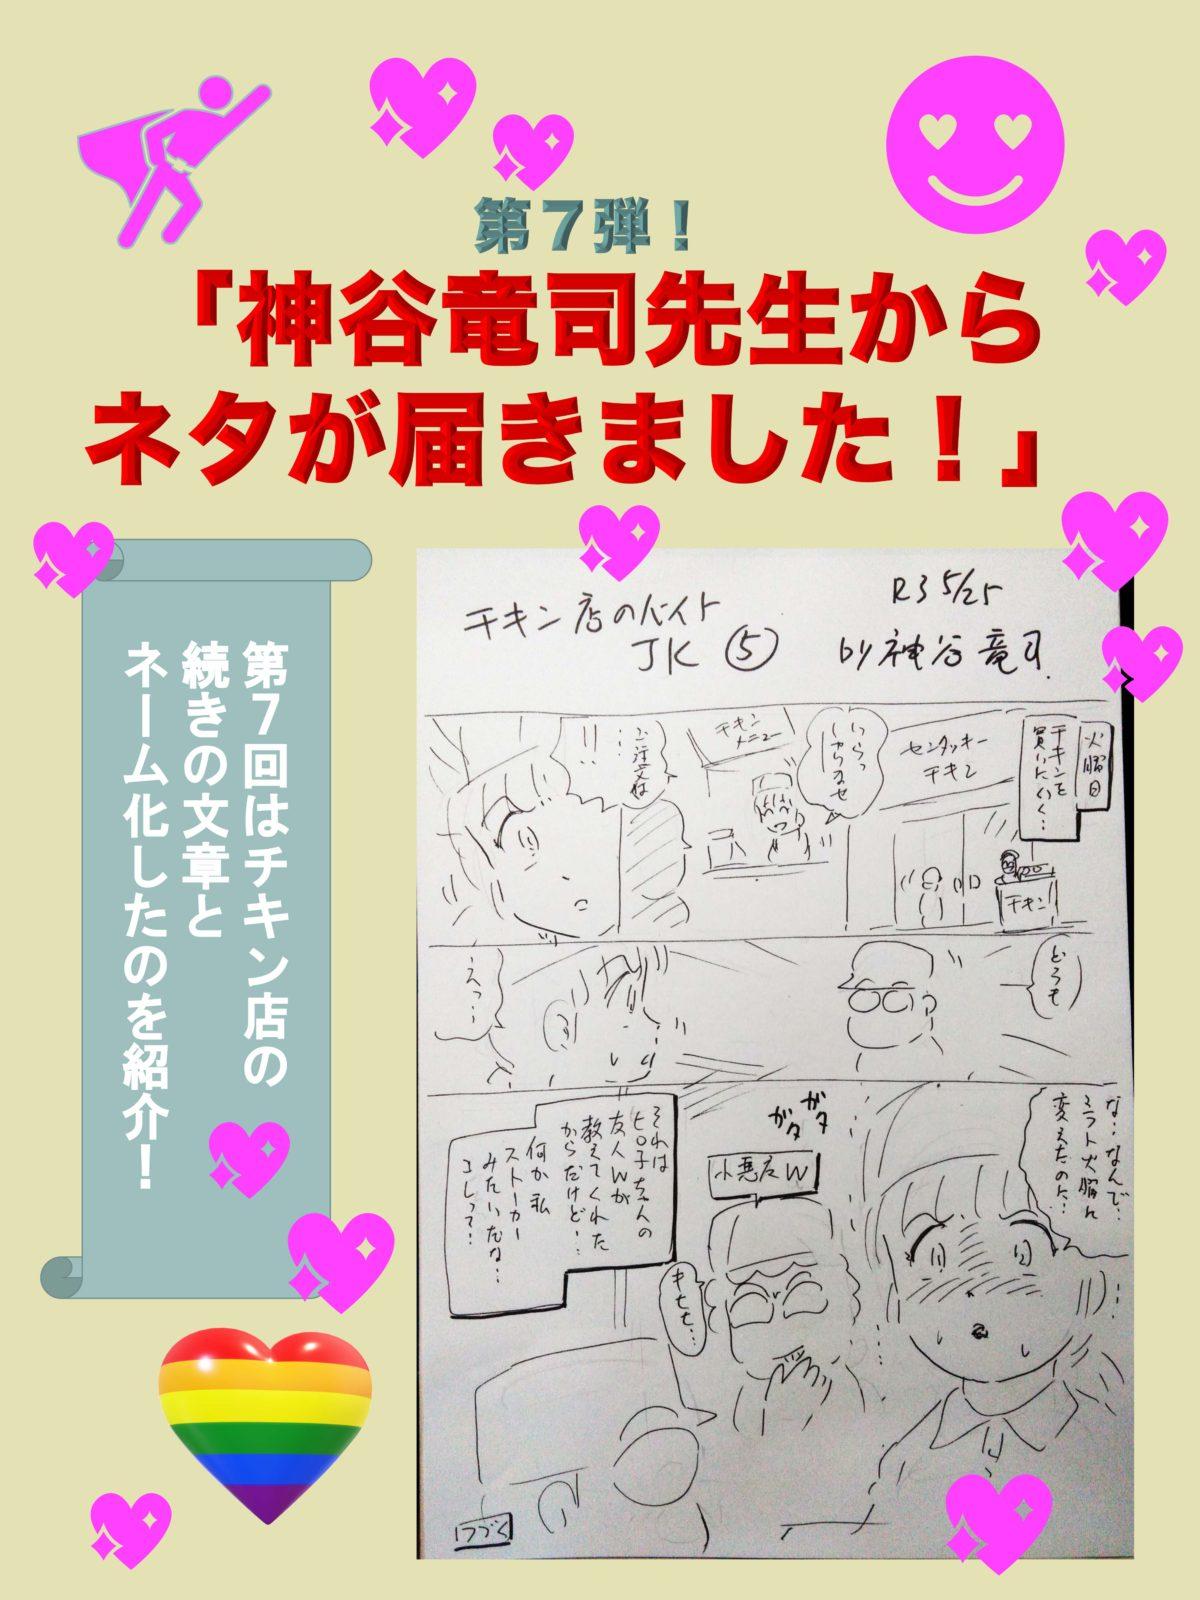 今回も1ネタ!「神谷竜司先生からネタが届きました!」その7です!